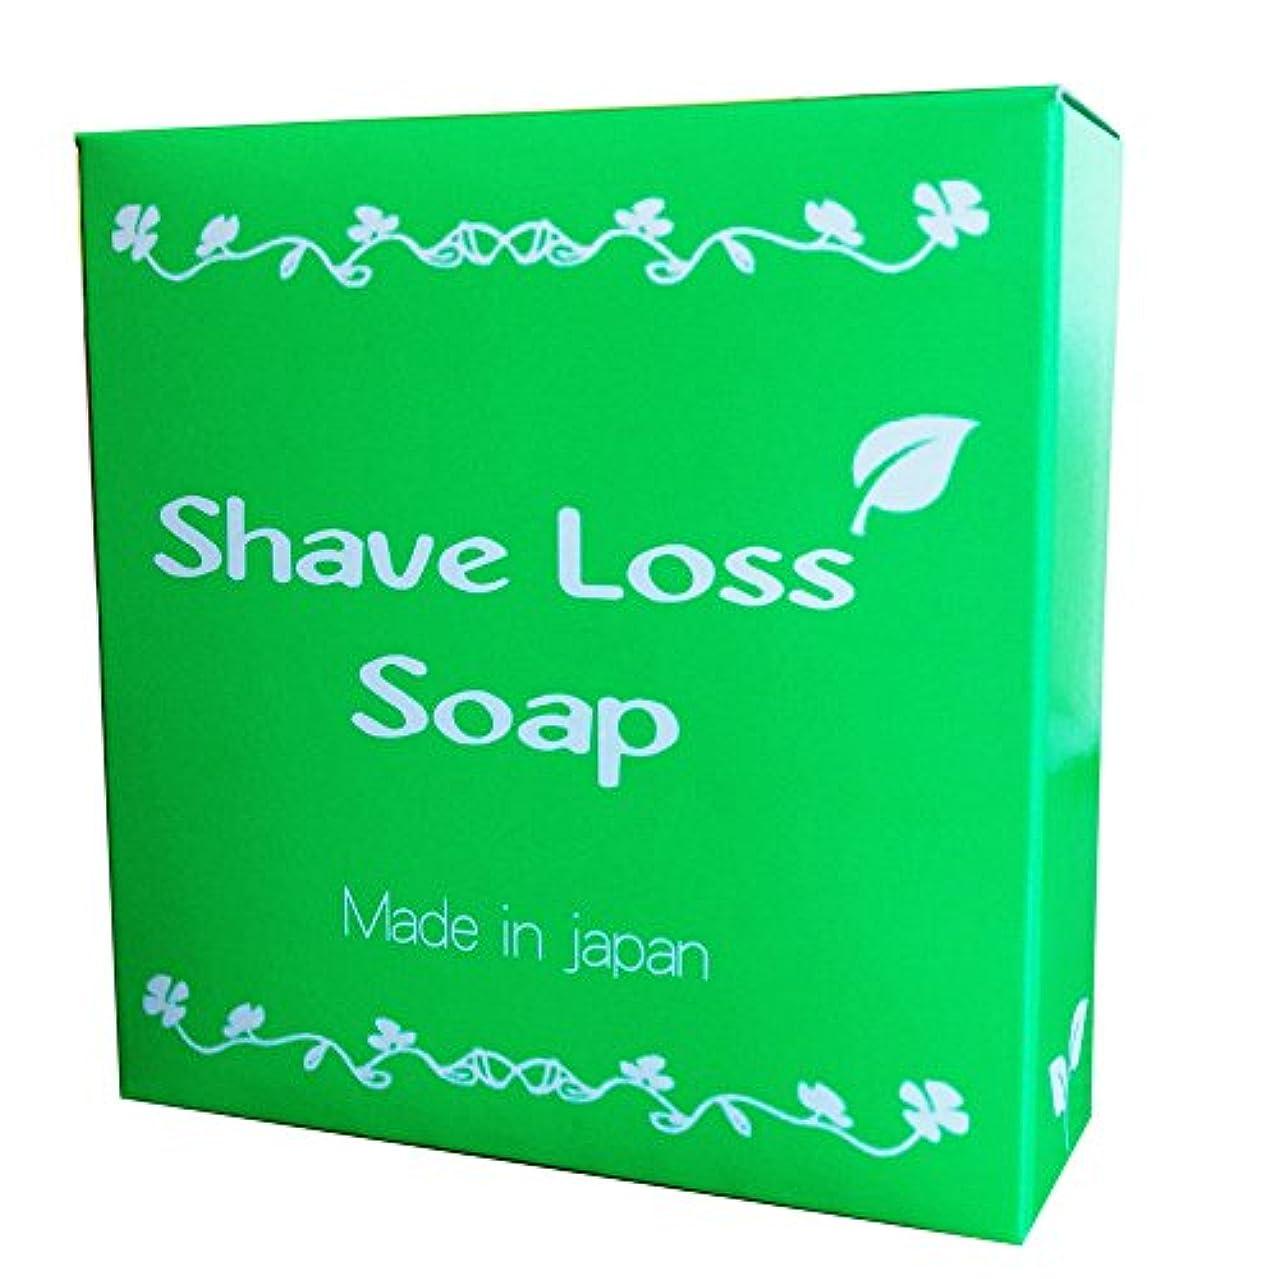 拒絶するまだ護衛Shave Loss Soap 女性のツルツルを叶える 奇跡の石鹸 80g (1個)